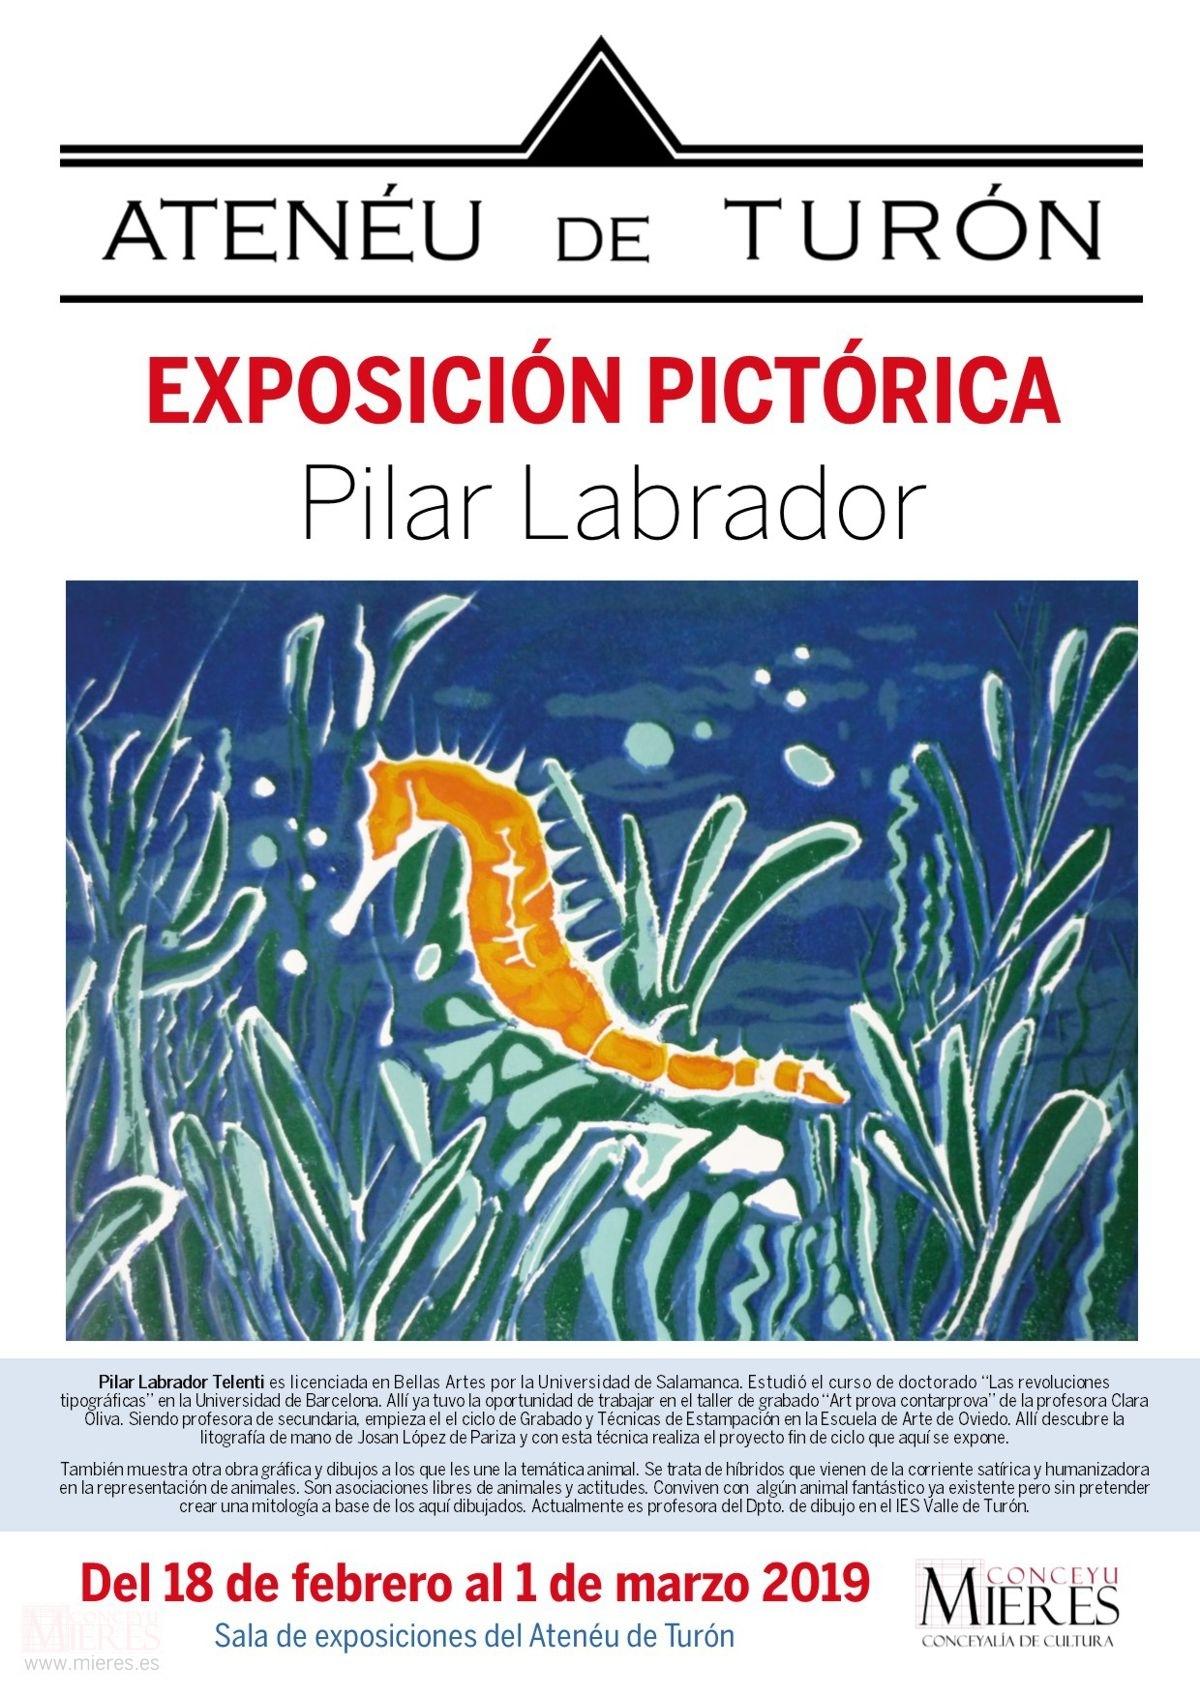 Exposicion Pictorica Pilar Labrador